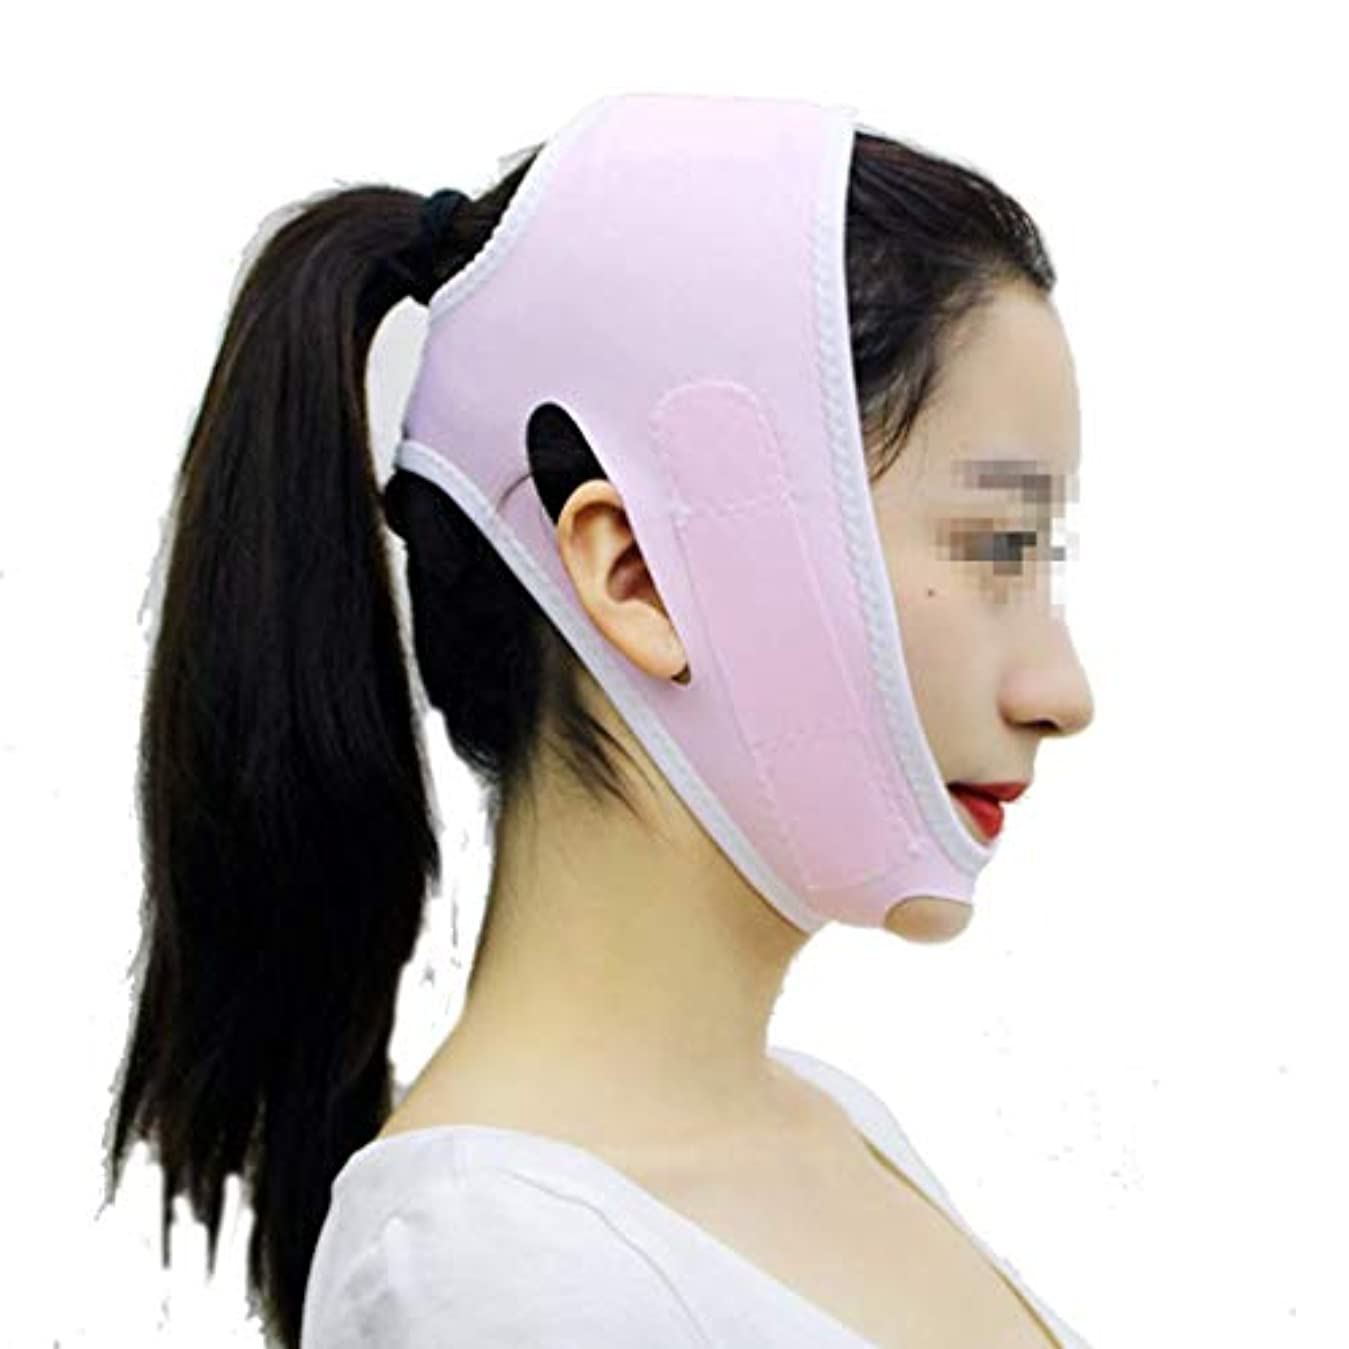 滝しょっぱいほとんどの場合美容包帯、Vフェイス睡眠薄いフェイスマスクライン彫刻回復フードリフティング引き締めフェイスダブルチンマスクマルチカラーオプション(カラー:ピンク),ピンク